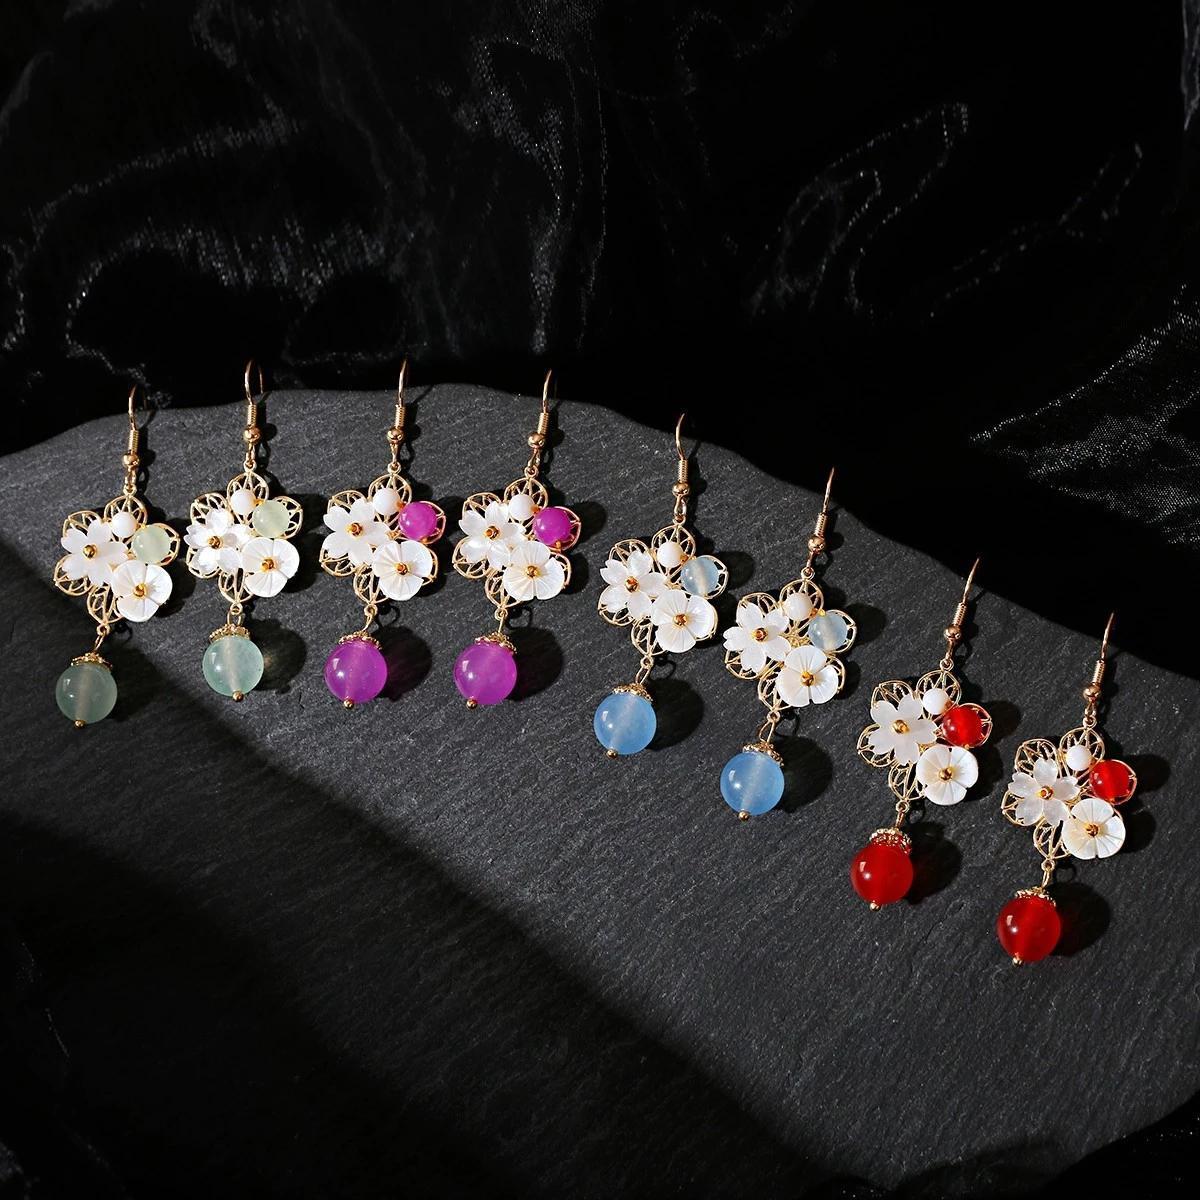 خمر بوهو الأزياء قلادة أقراط فاخرة أبيض المرجان صغير زهرة شكل الديكور حبة الطبيعية أقراط مجوهرات هدايا